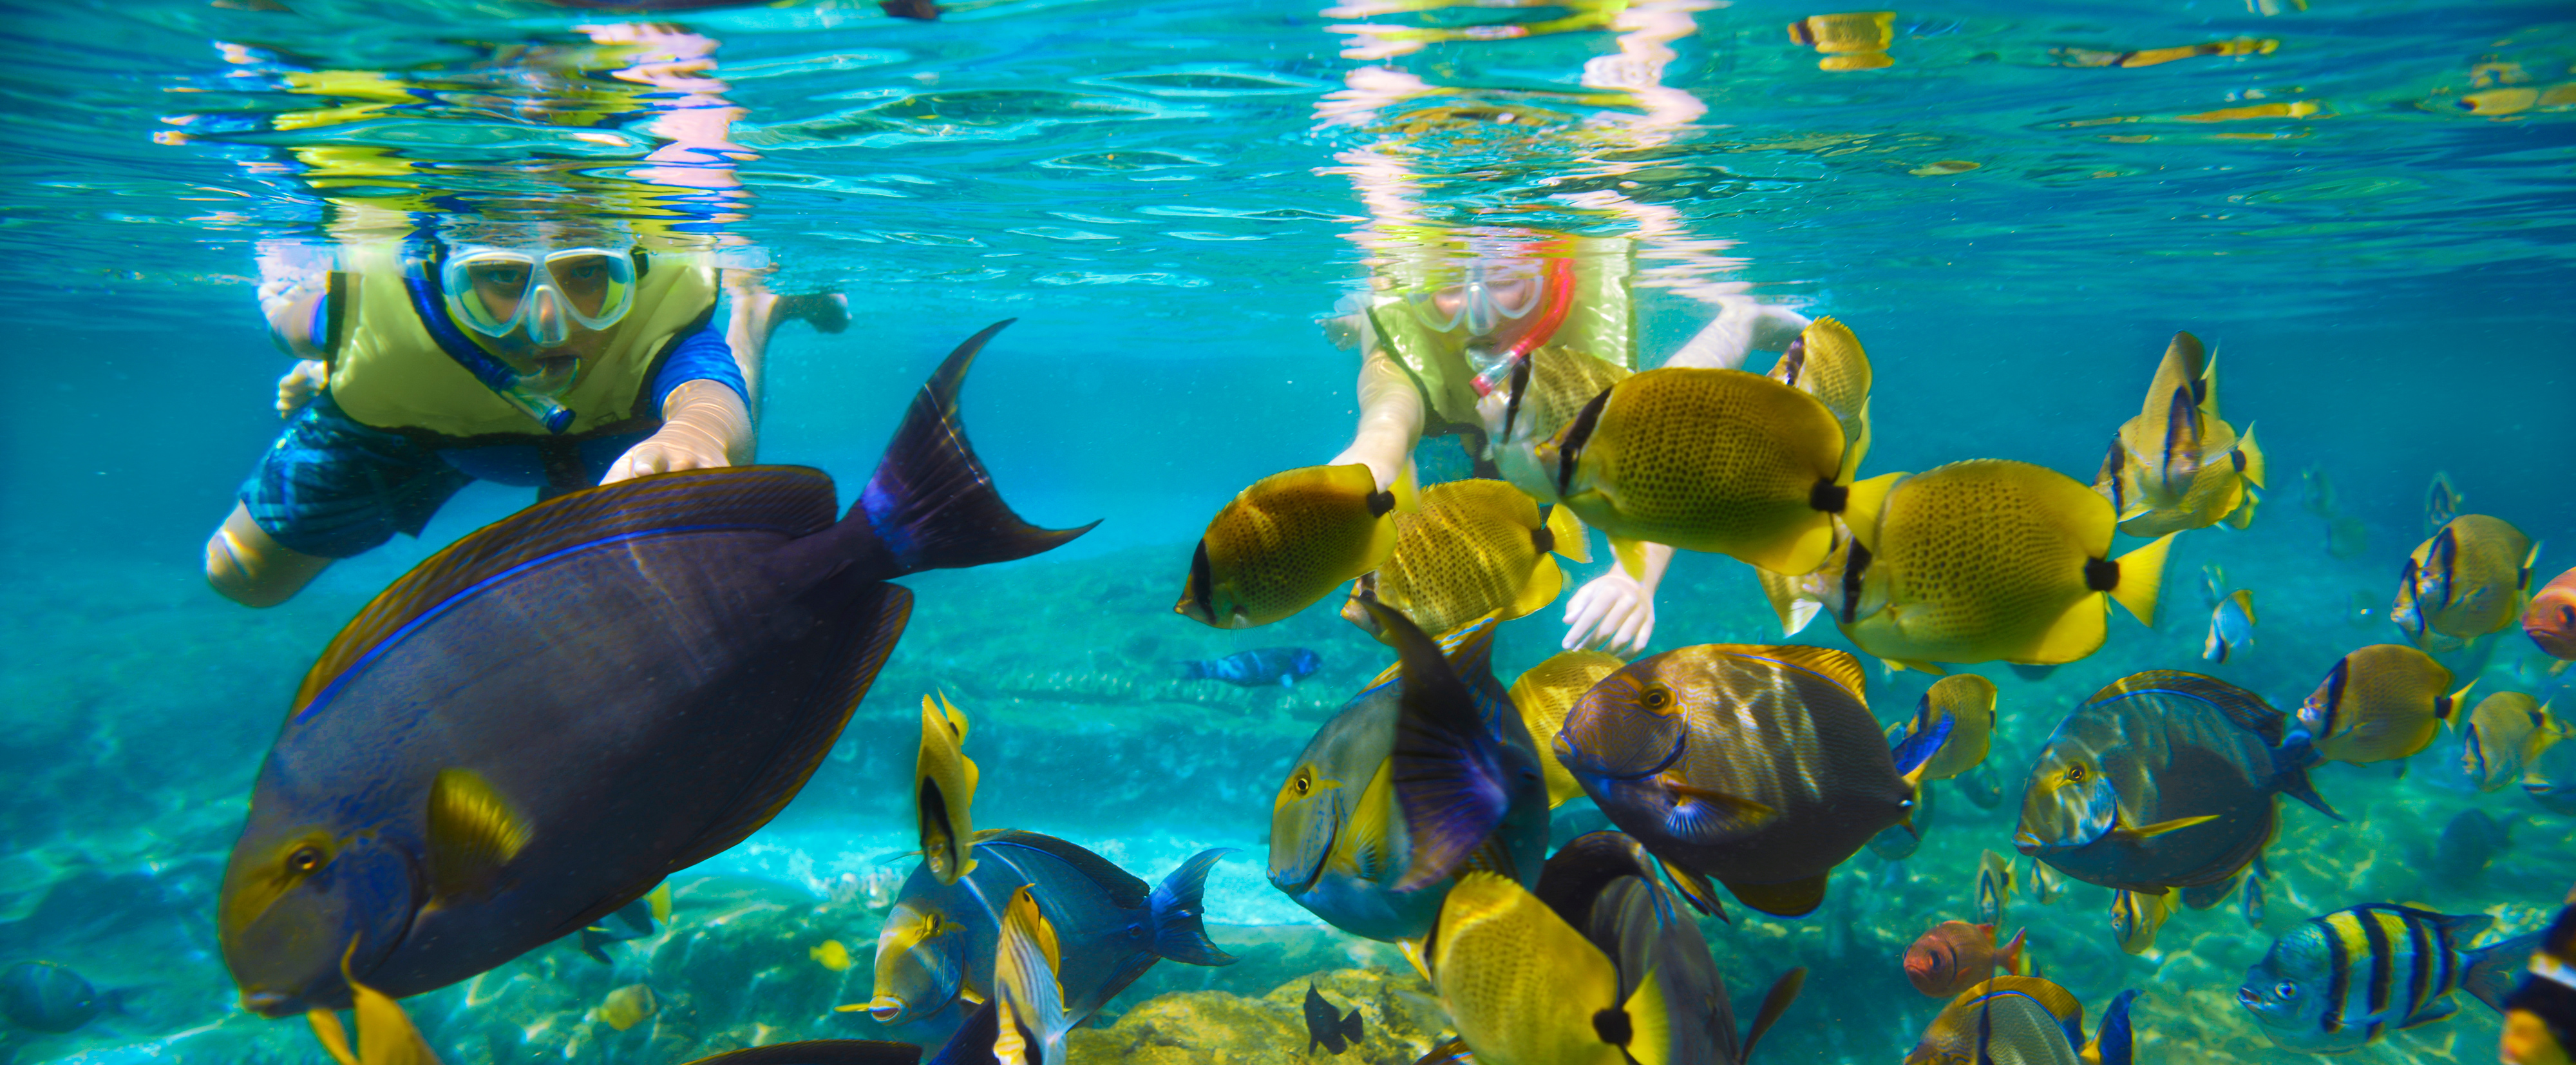 Rainbow reef snorkeling aulani hawaii resort spa for Tropic fish hawaii